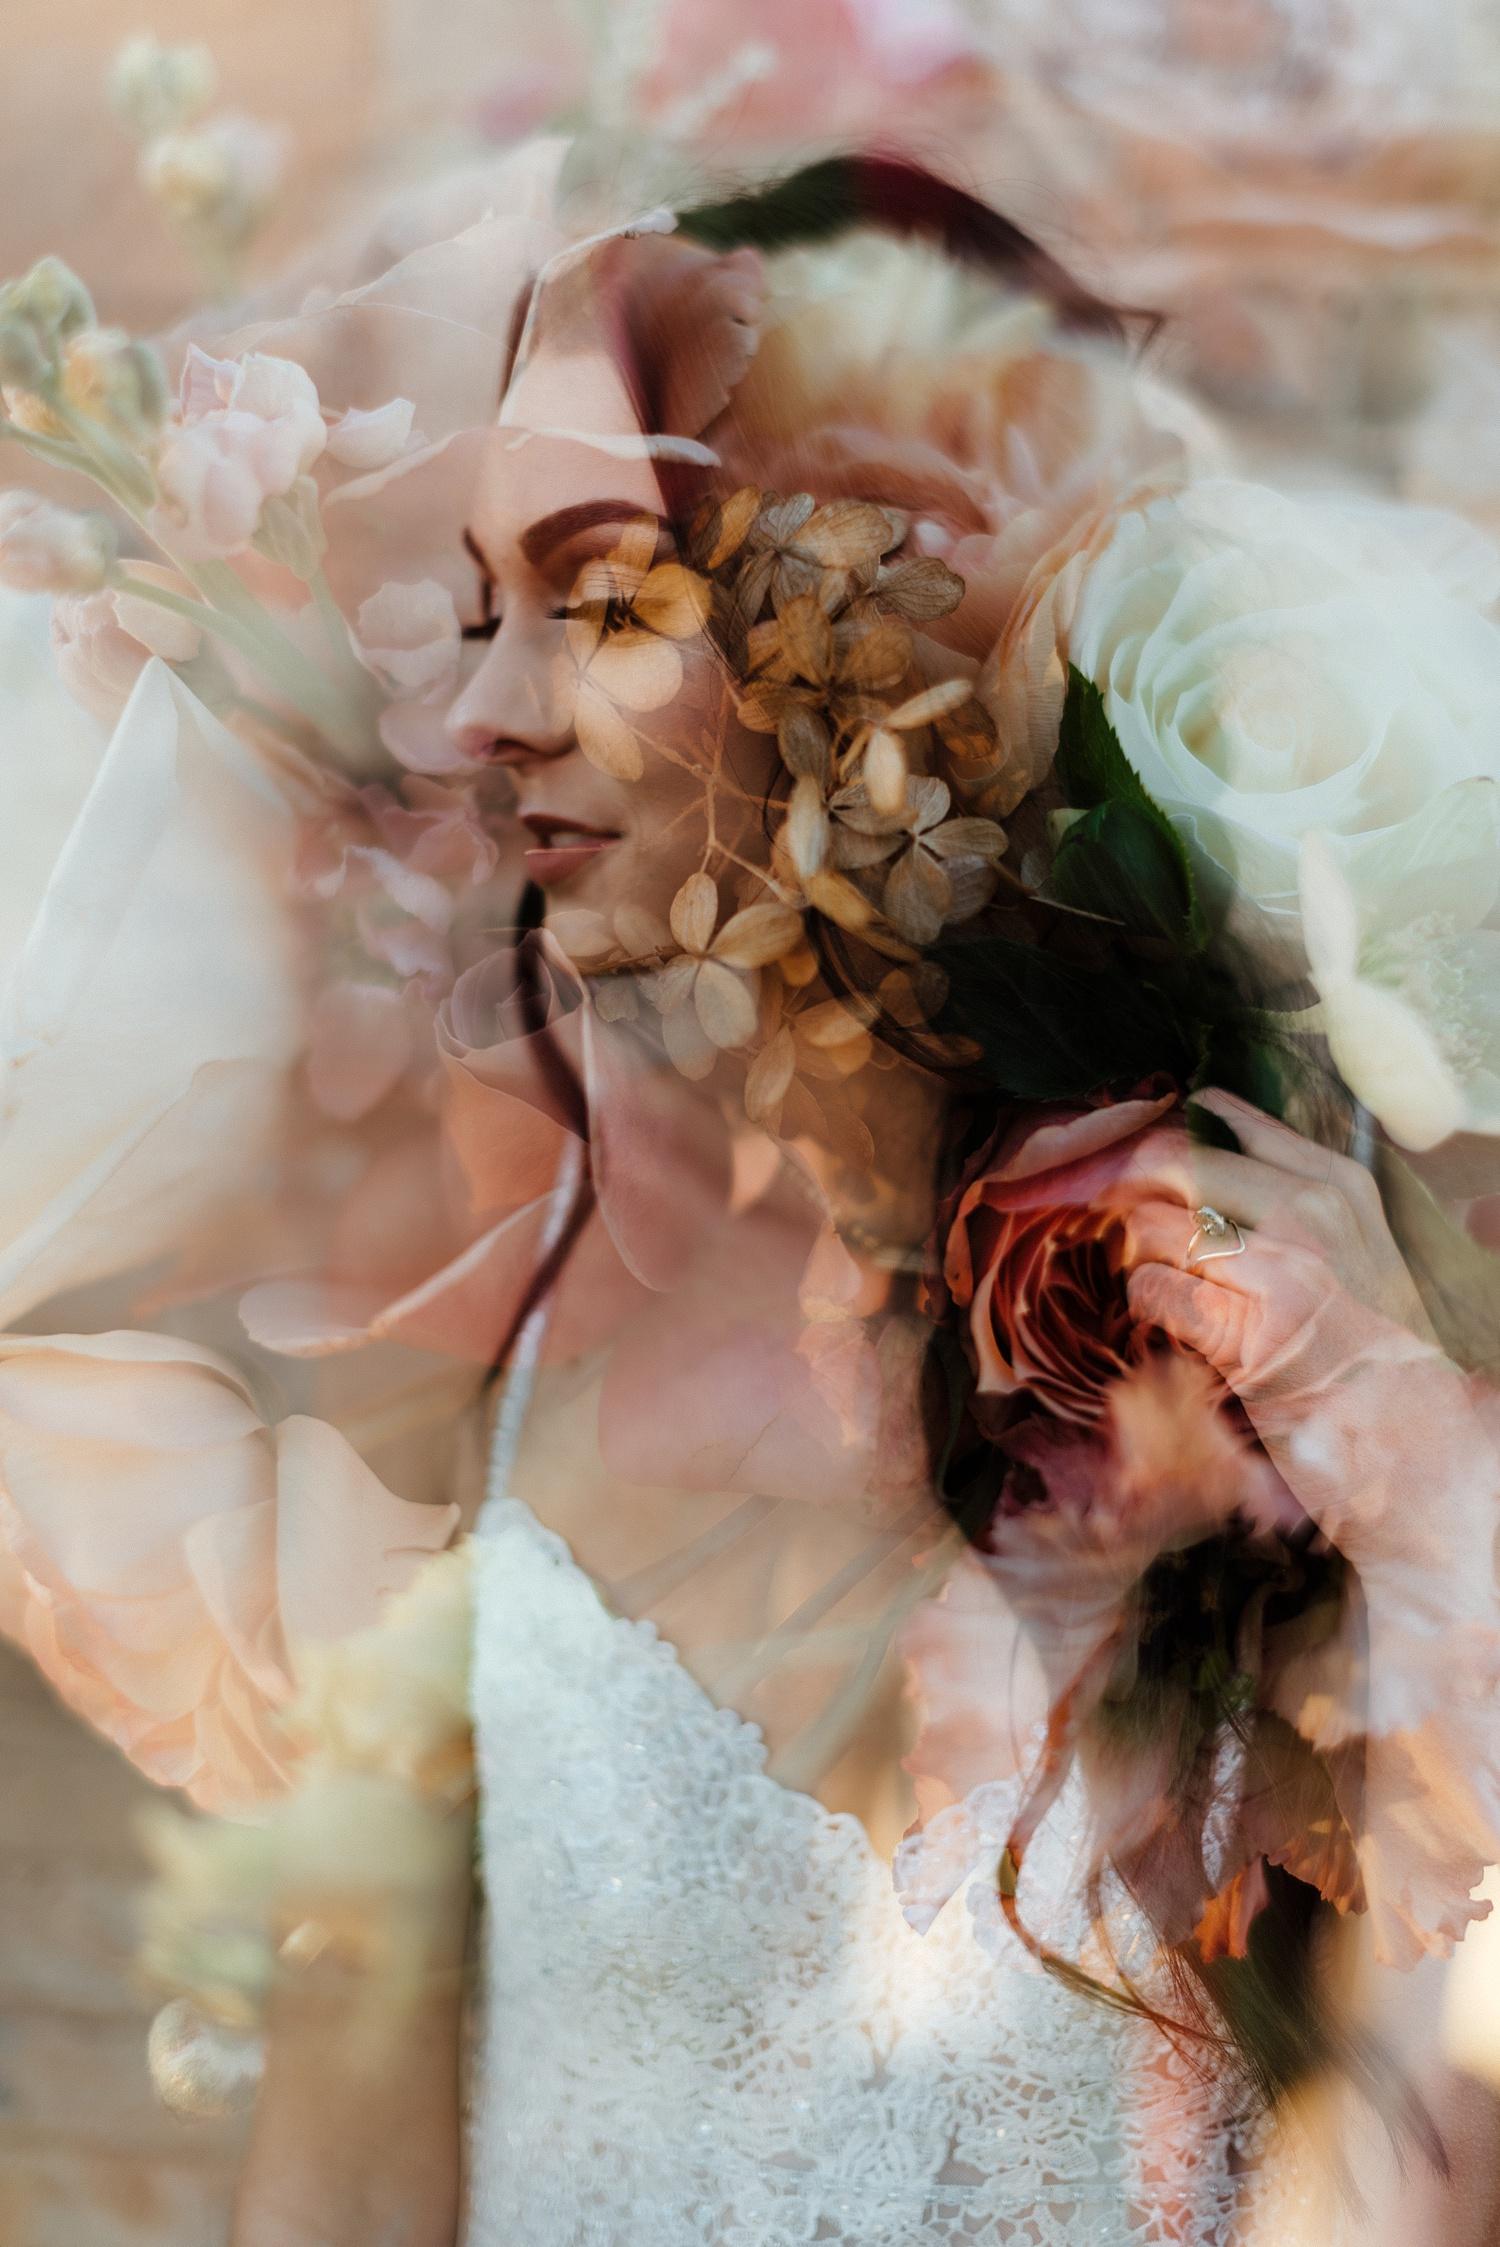 Zandra Barriga Photo - Potted Pansy 1 on 1_0011.jpg